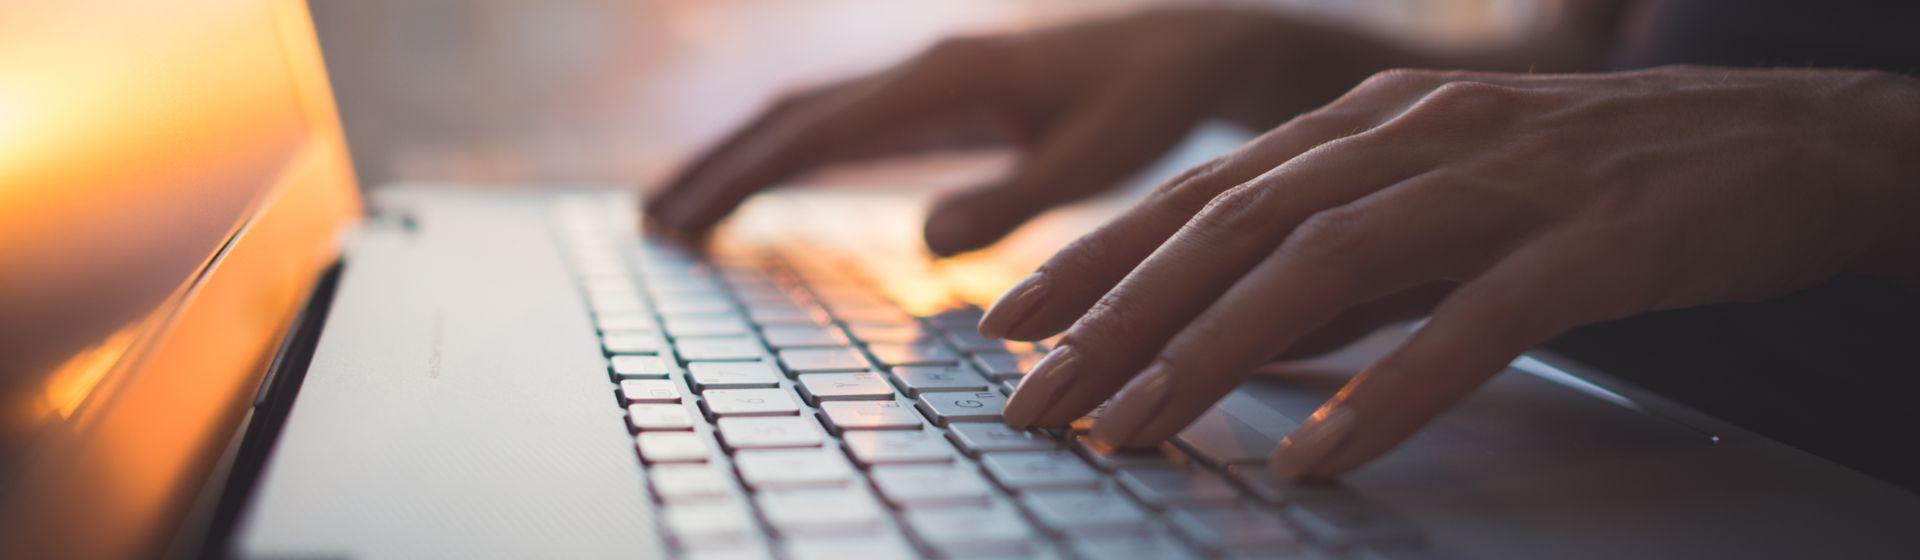 Como desativar o teclado do notebook